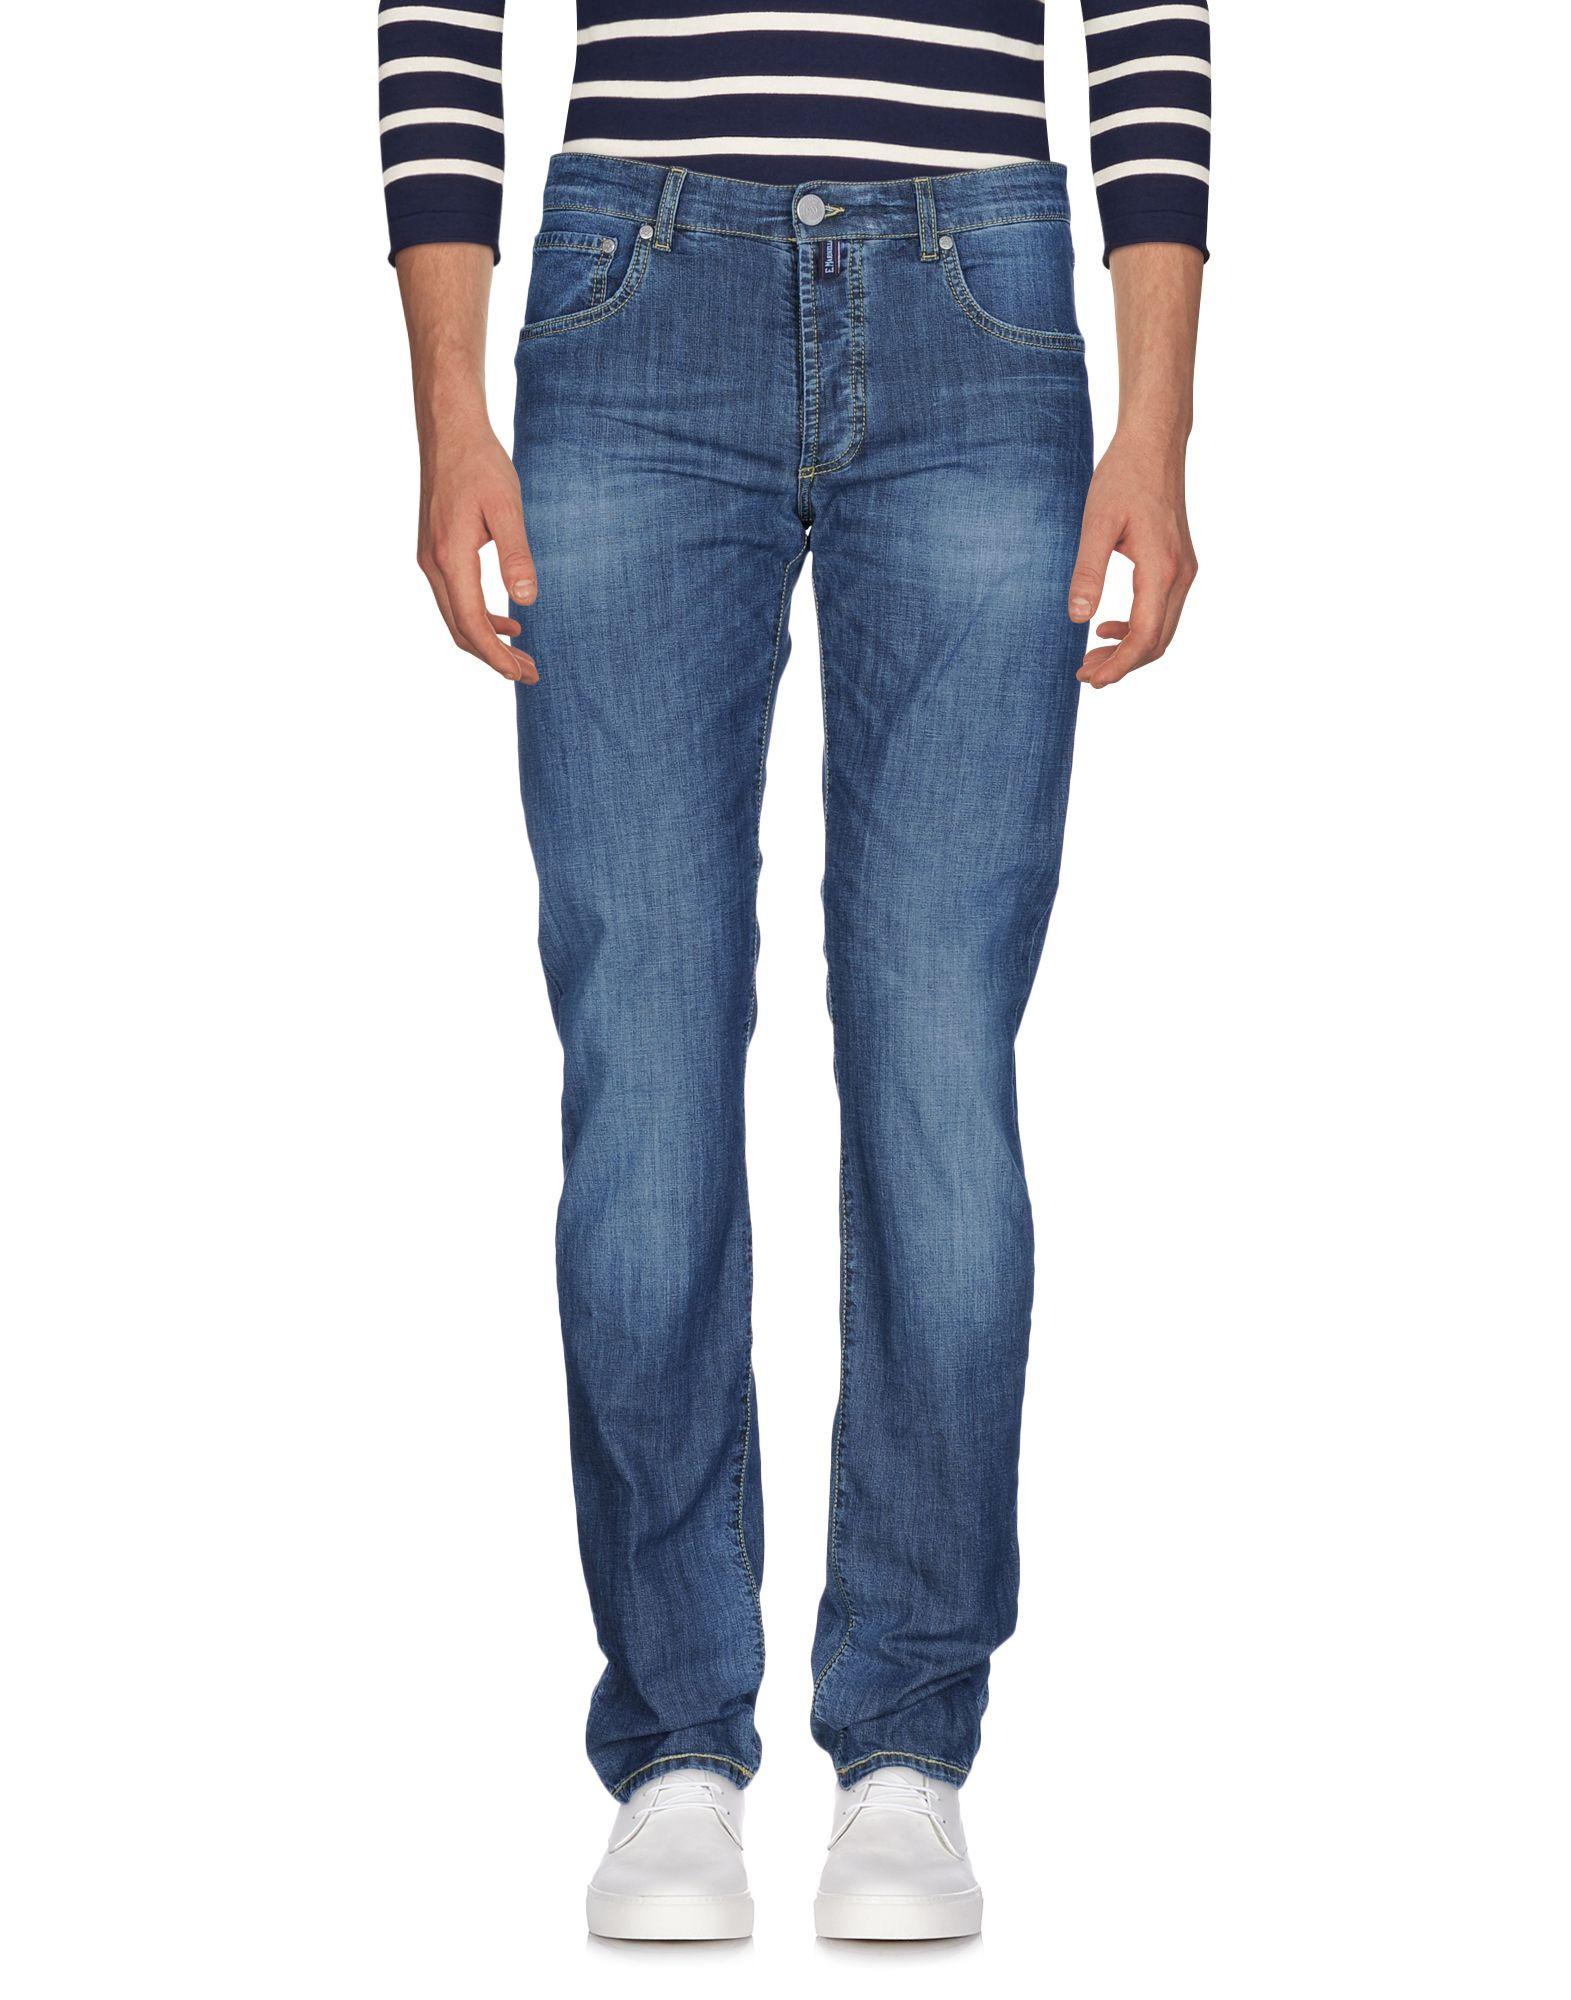 Pantaloni Jeans E.Marinella Uomo - Acquista online su